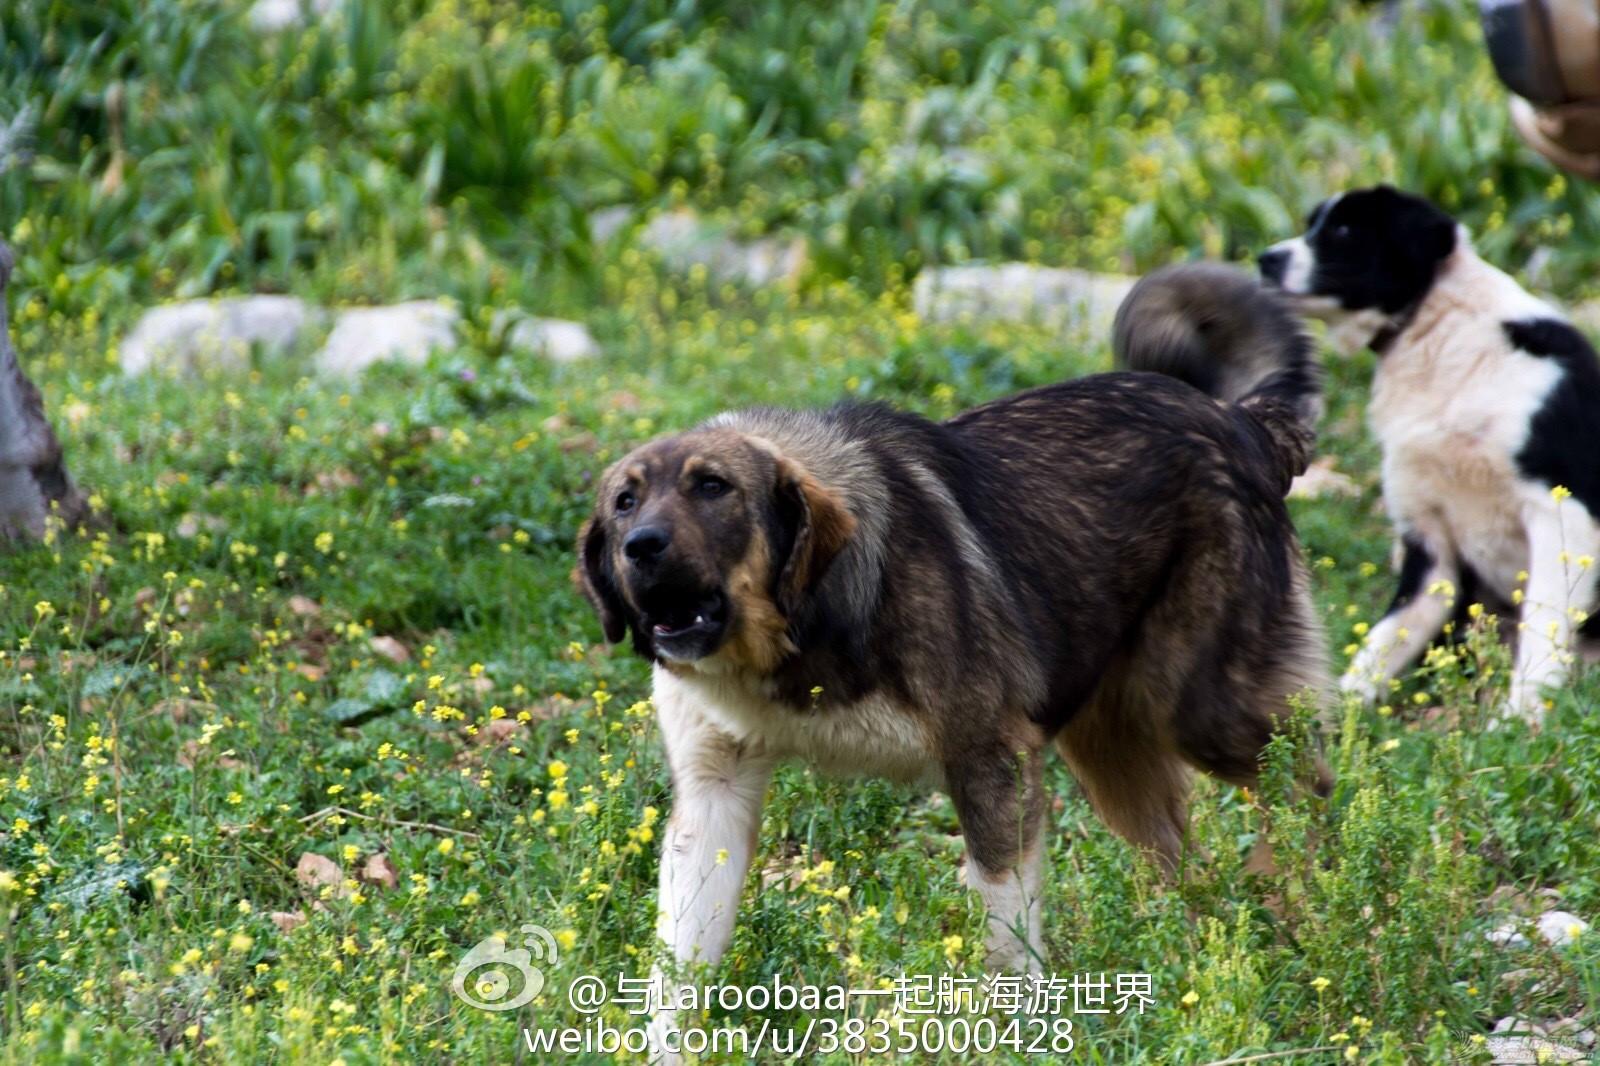 希腊,牧羊犬,宠物狗,牧羊人,石灰岩 参观希腊著名的迪迪玛教堂岩洞遭遇牧羊犬 e495766cjw1eq74u1ij8bj218g0tmqie.jpg